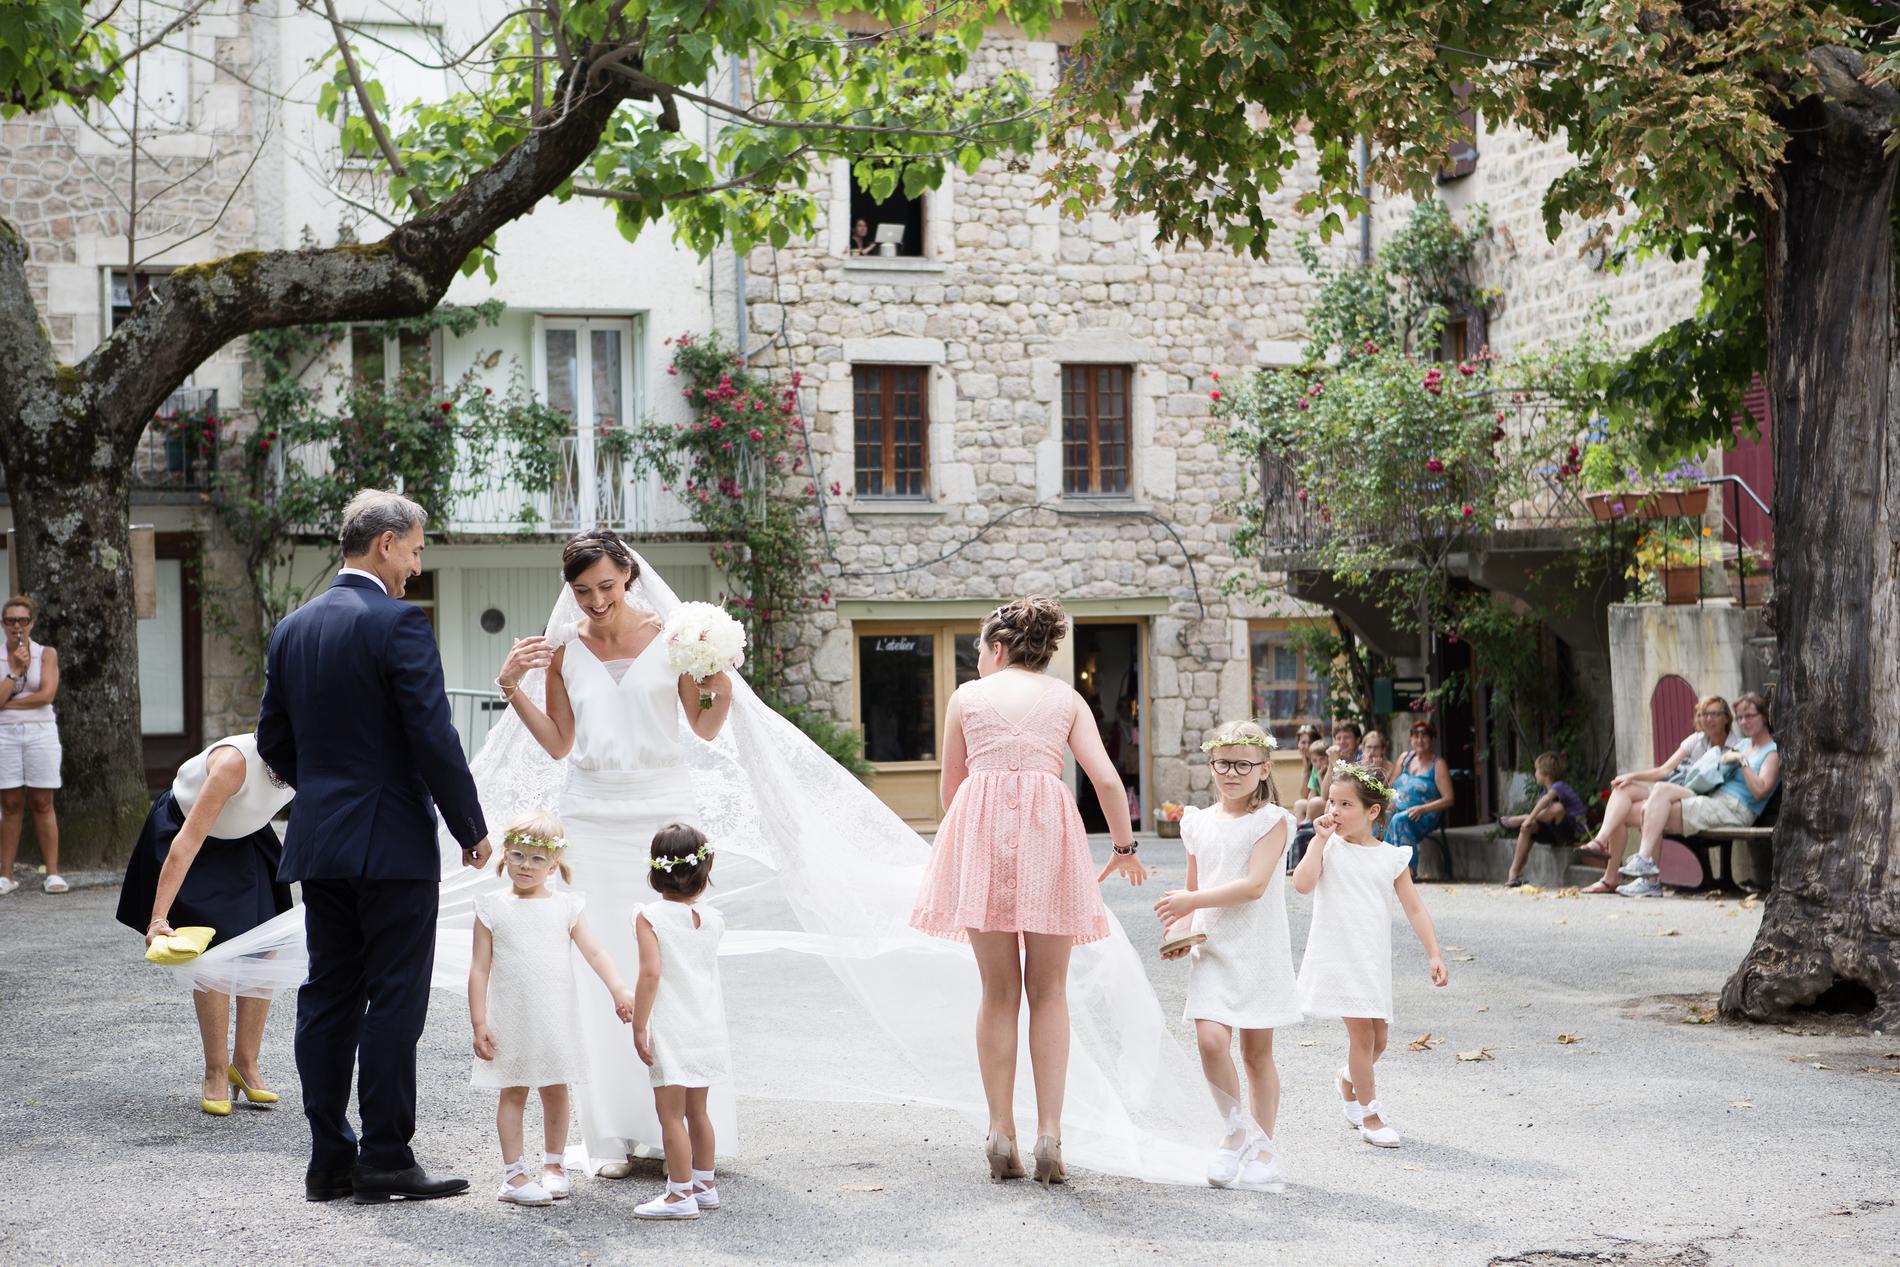 photographe-mariage-paris-oise-picardie-chantilly-senlis-2